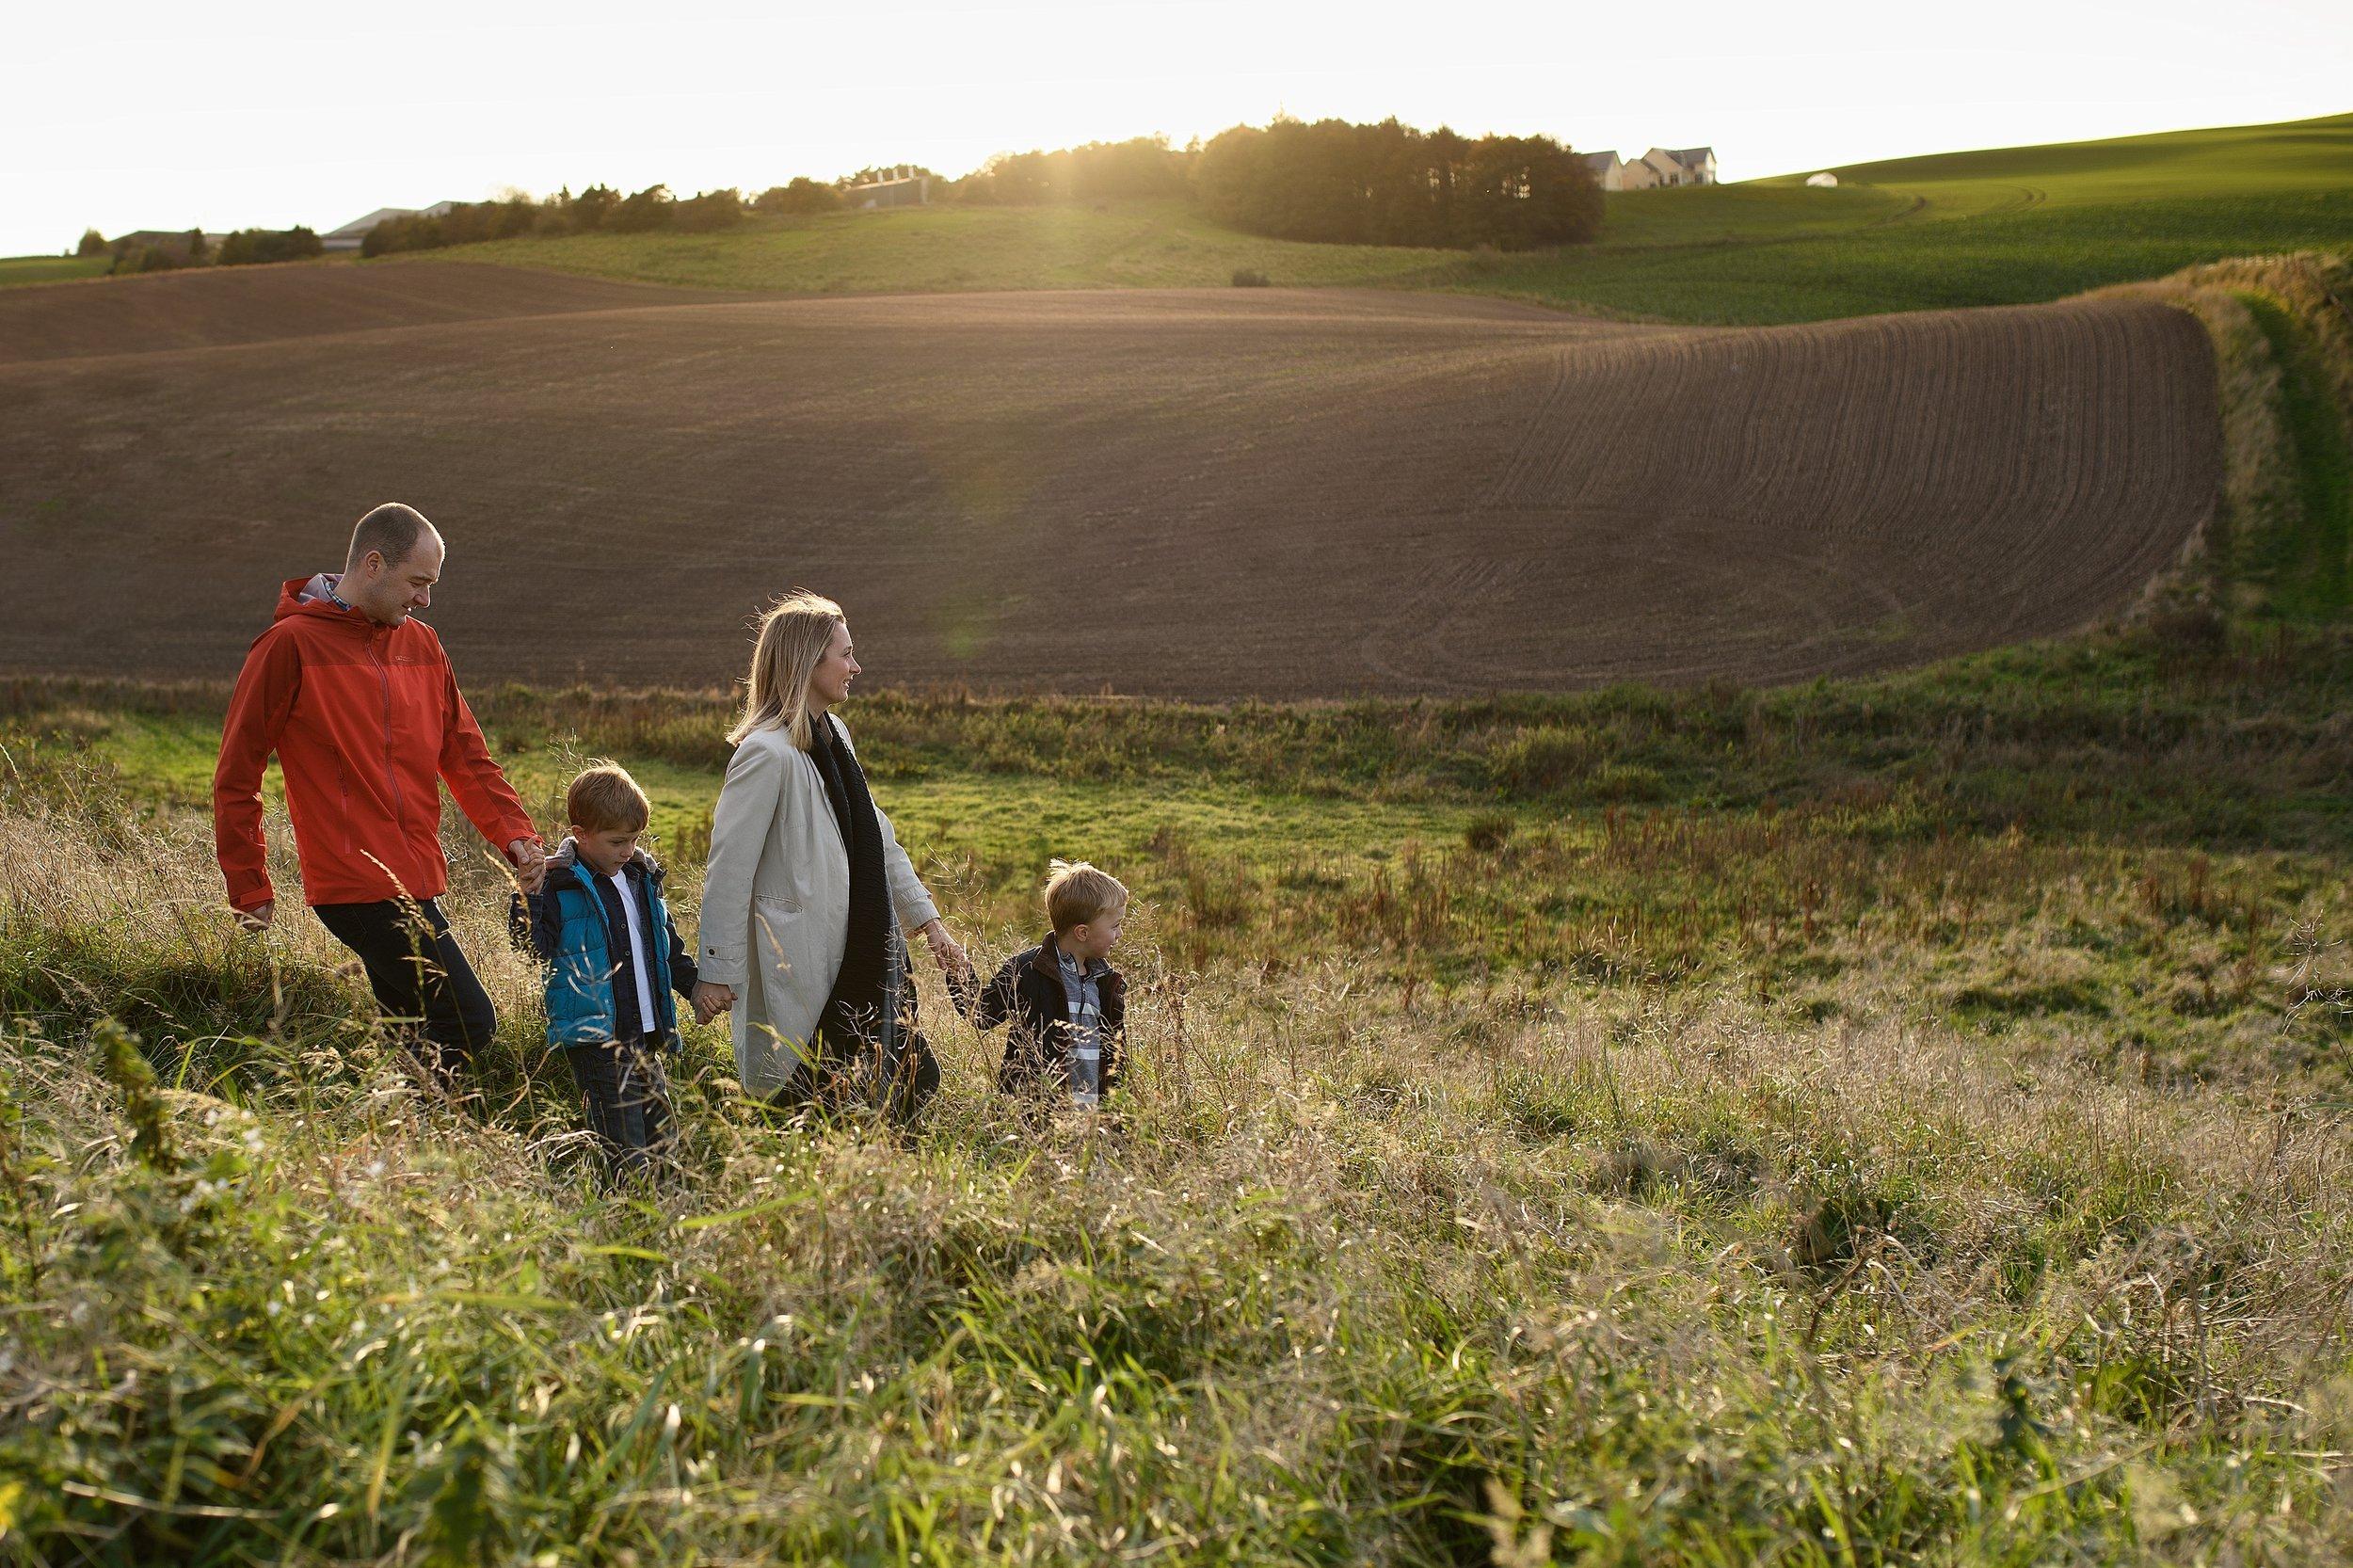 Wormit family photo shoot field sunset